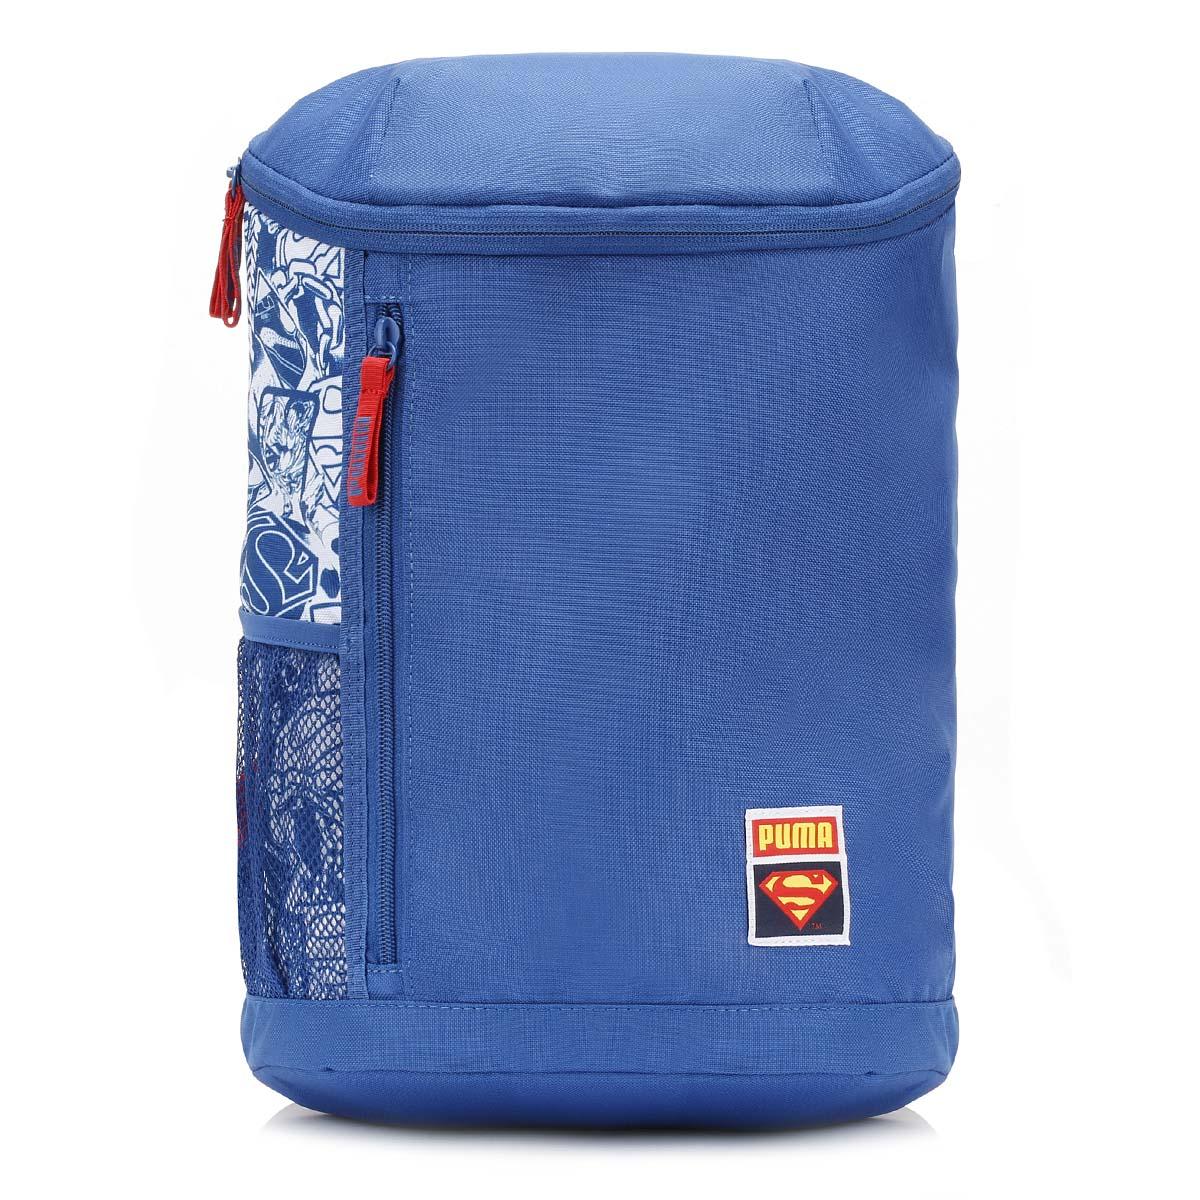 e925694fccfb4 Details about Puma Kids Boys Girls Backpack Blue Superman Cape Adjustable  Shoulder Straps